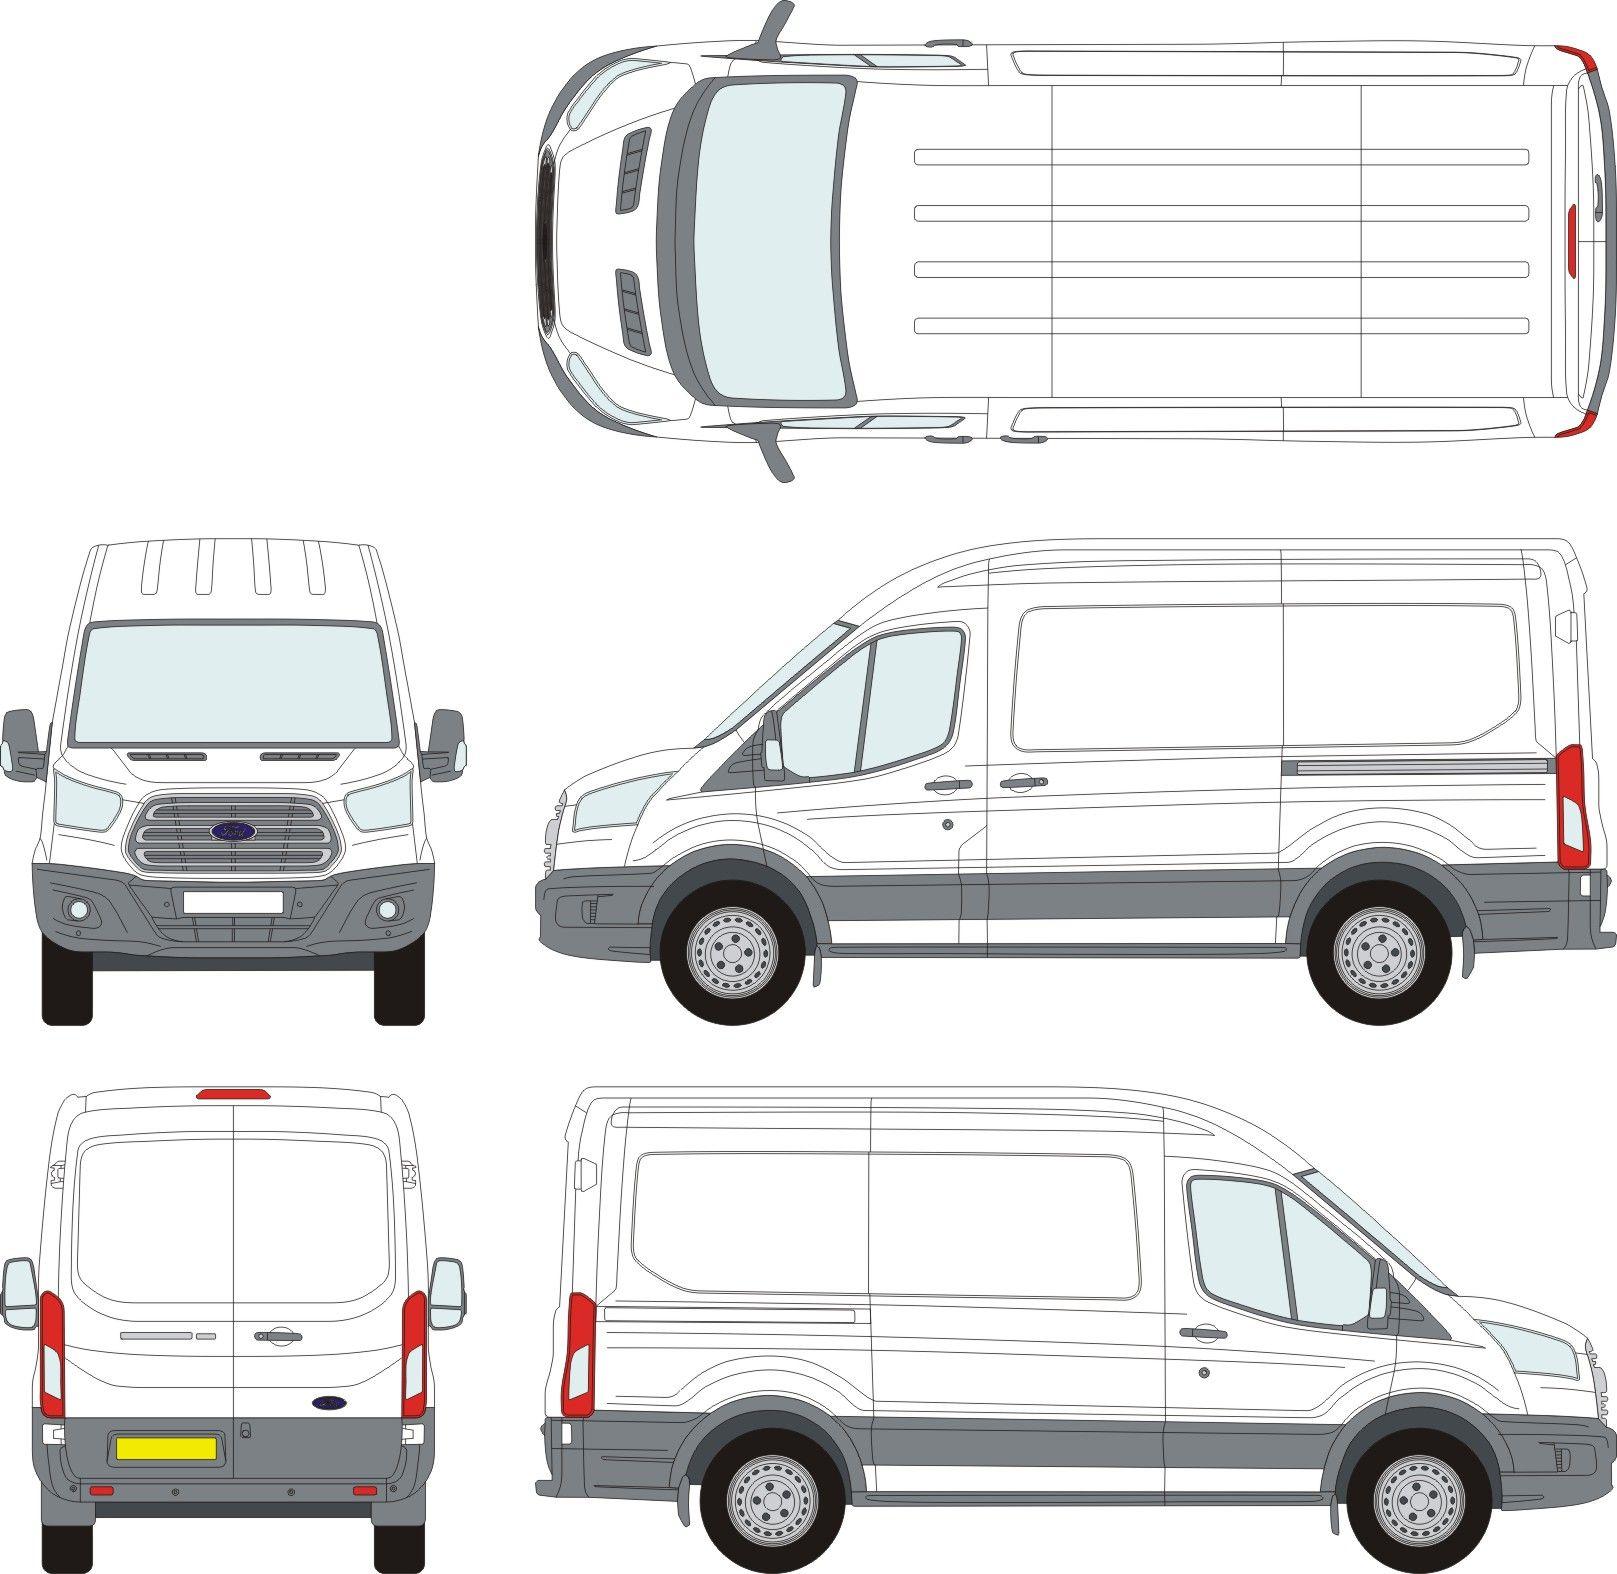 ford transit vehicle outlines 1 pinterest. Black Bedroom Furniture Sets. Home Design Ideas